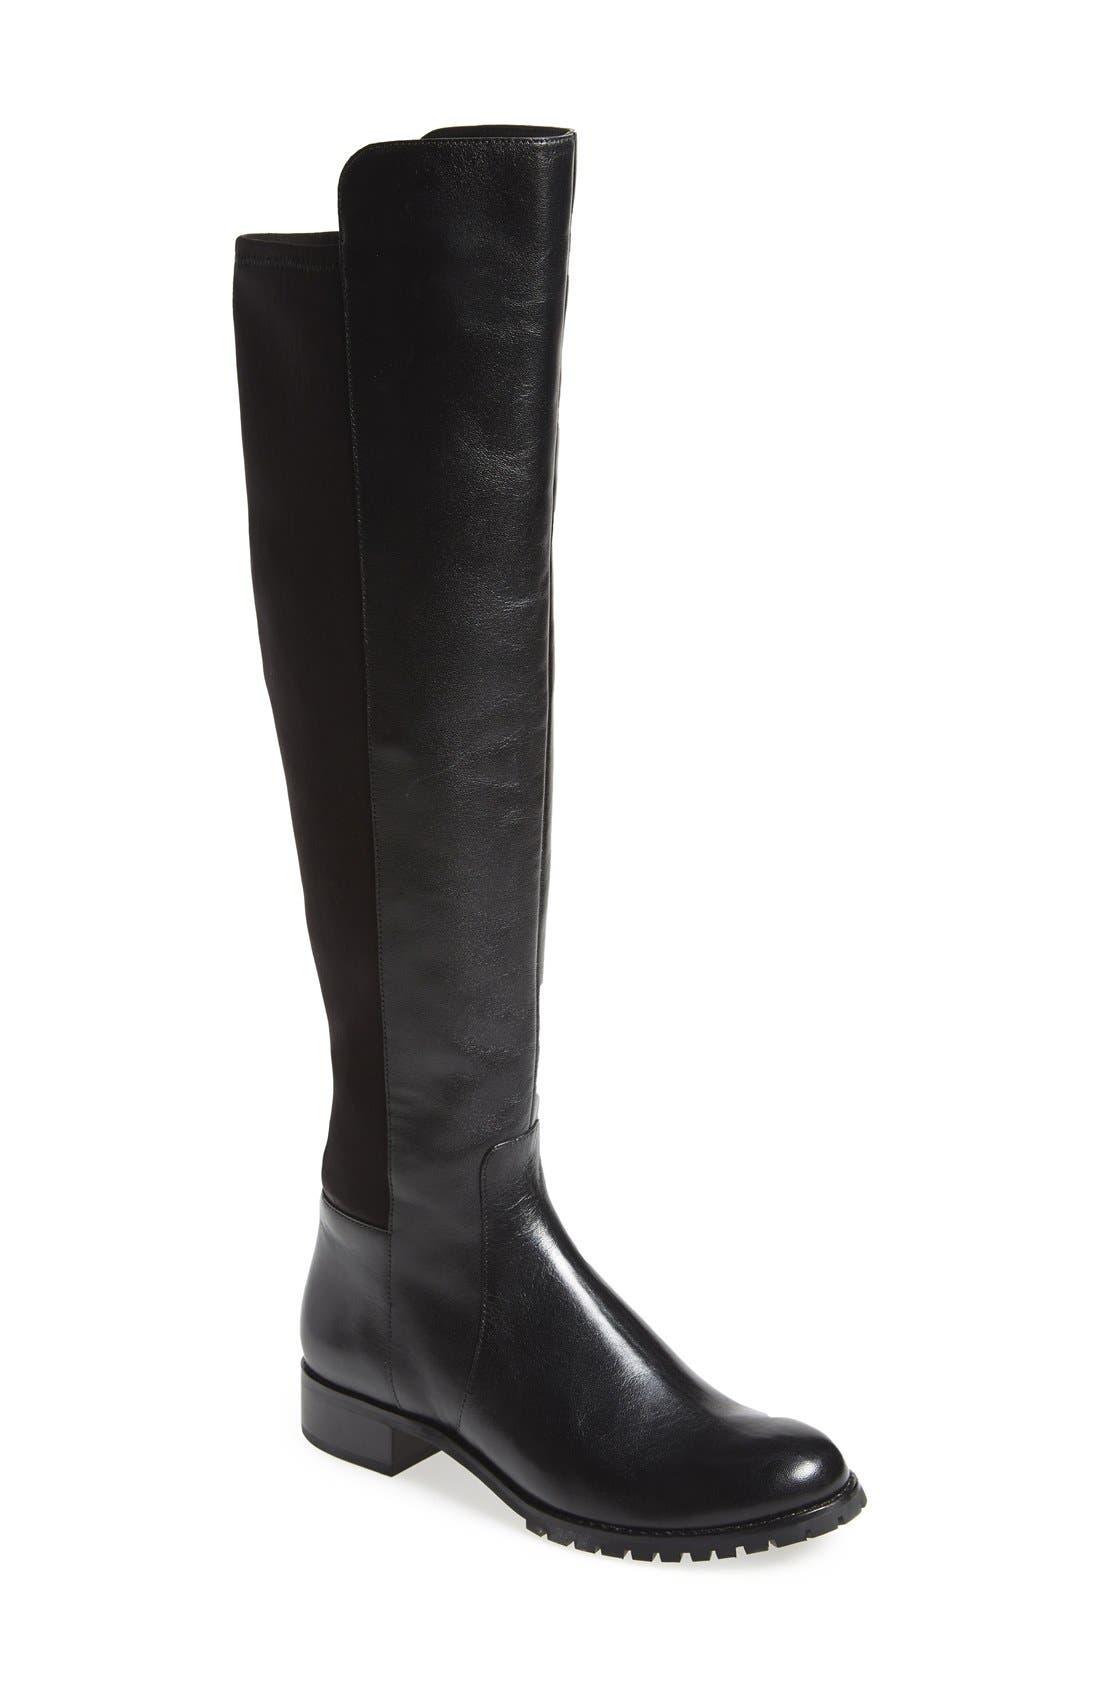 MICHAEL MICHAEL KORS 'Joanie' Boot, Main, color, 001